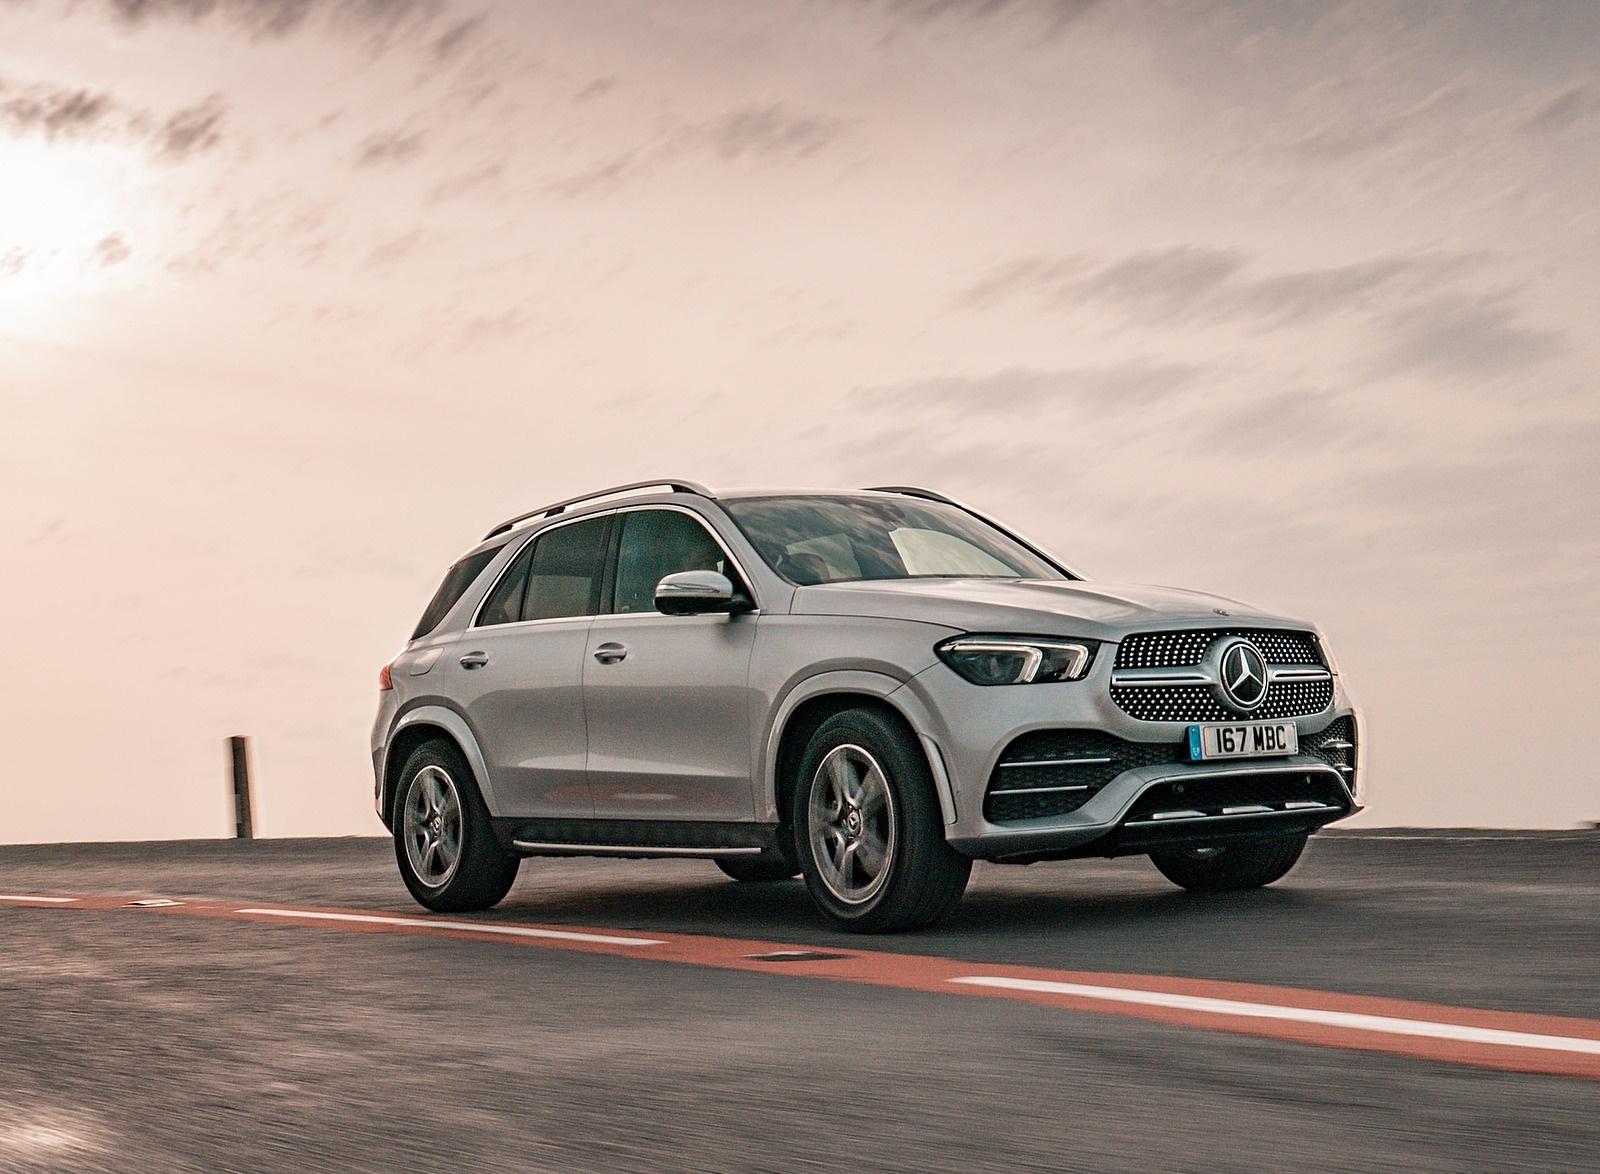 2020 Mercedes-Benz GLE 300d (UK-Spec) Front Three-Quarter Wallpapers (4)